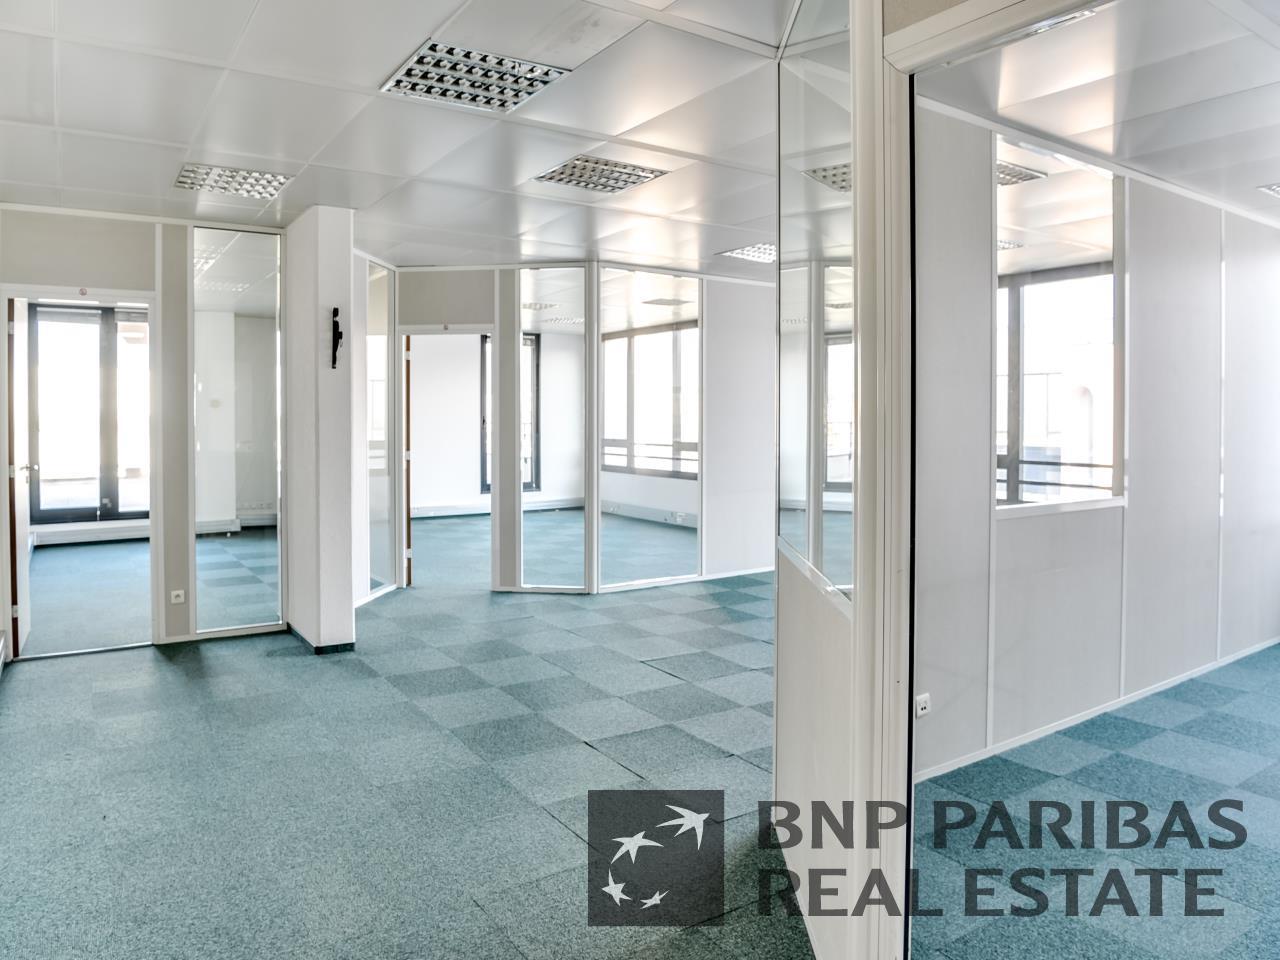 Location bureau pringy m² u bureauxlocaux